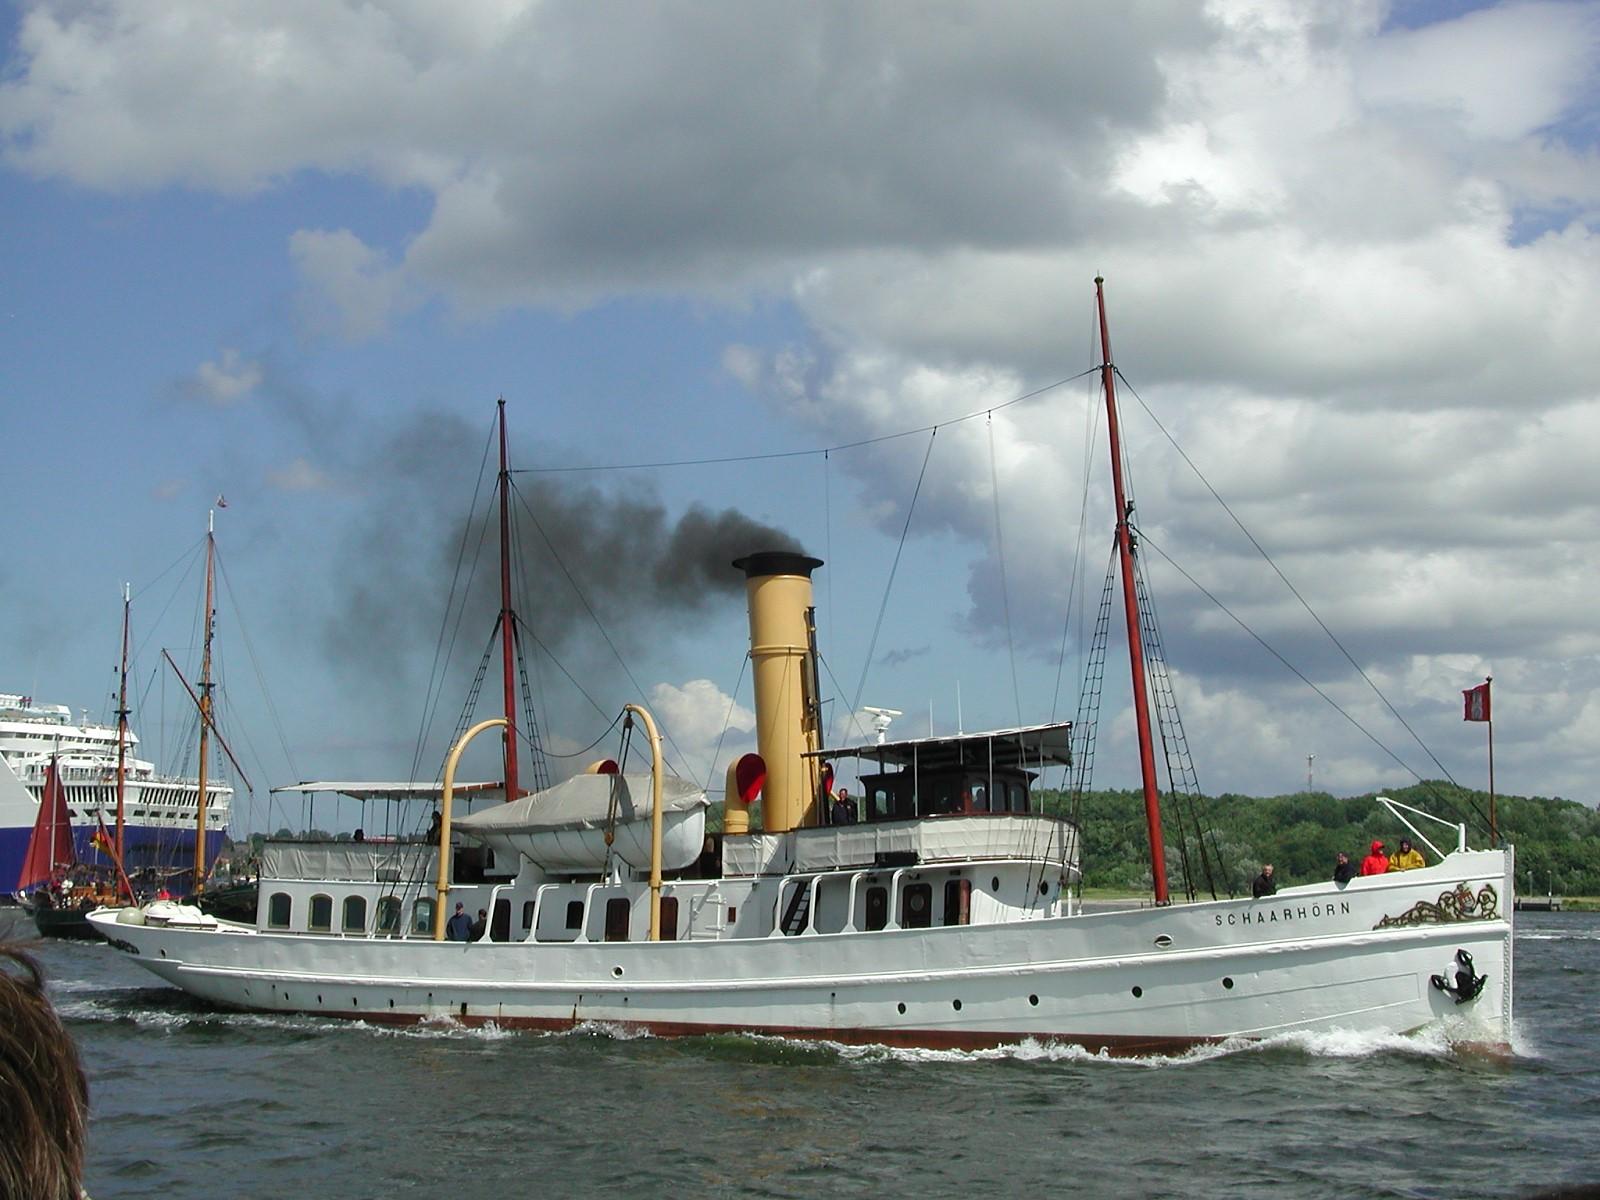 File Dampfschiff Schaarhoern Jpg Wikimedia Commons